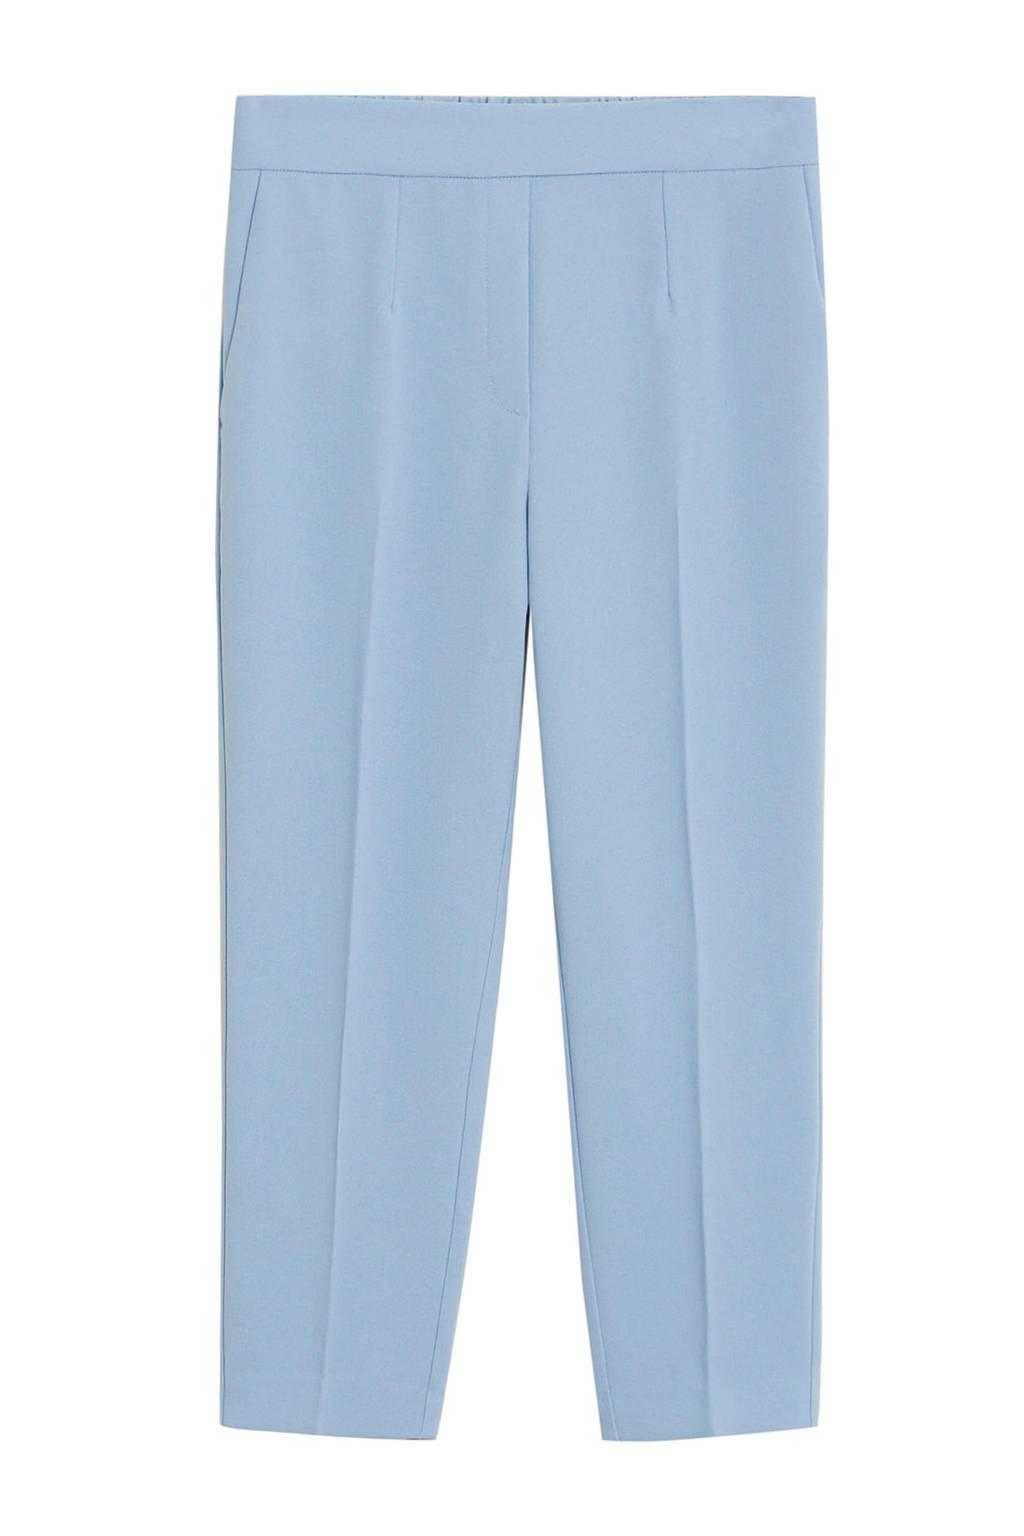 Mango regular fit pantalon lichtblauw, Lichtblauw